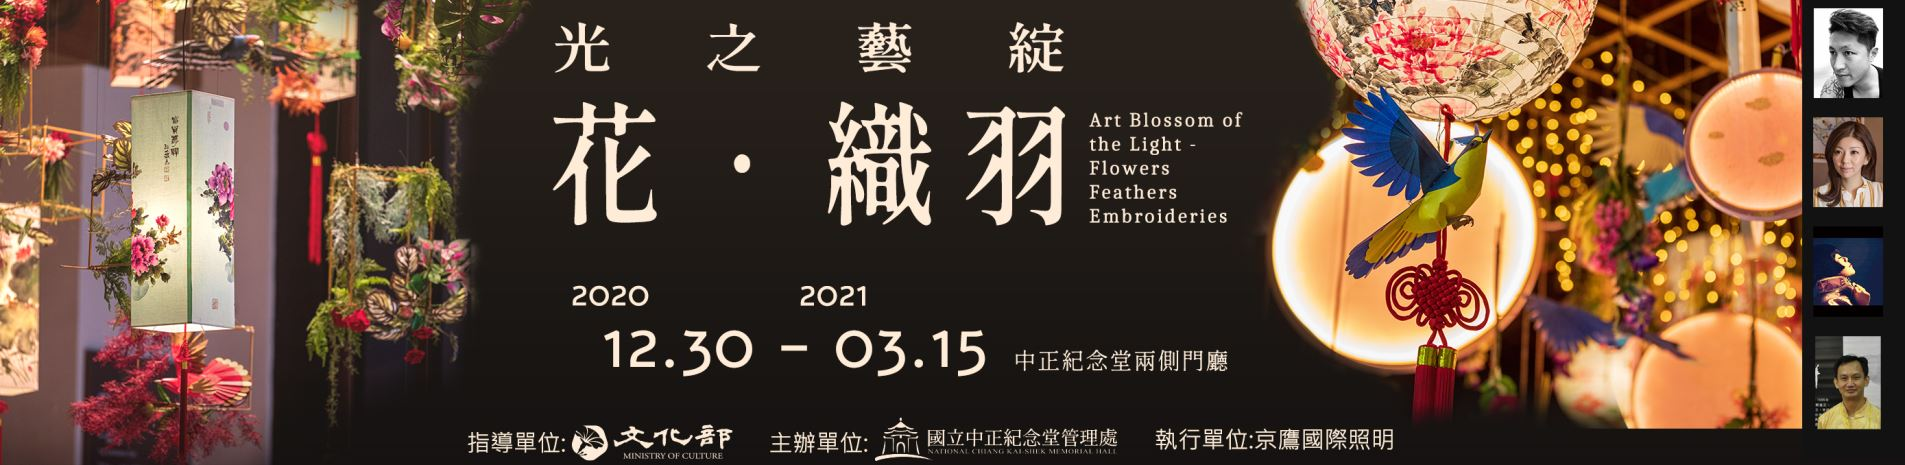 2021新春燈藝展「光之藝綻 — 花.織羽」(免費參觀)